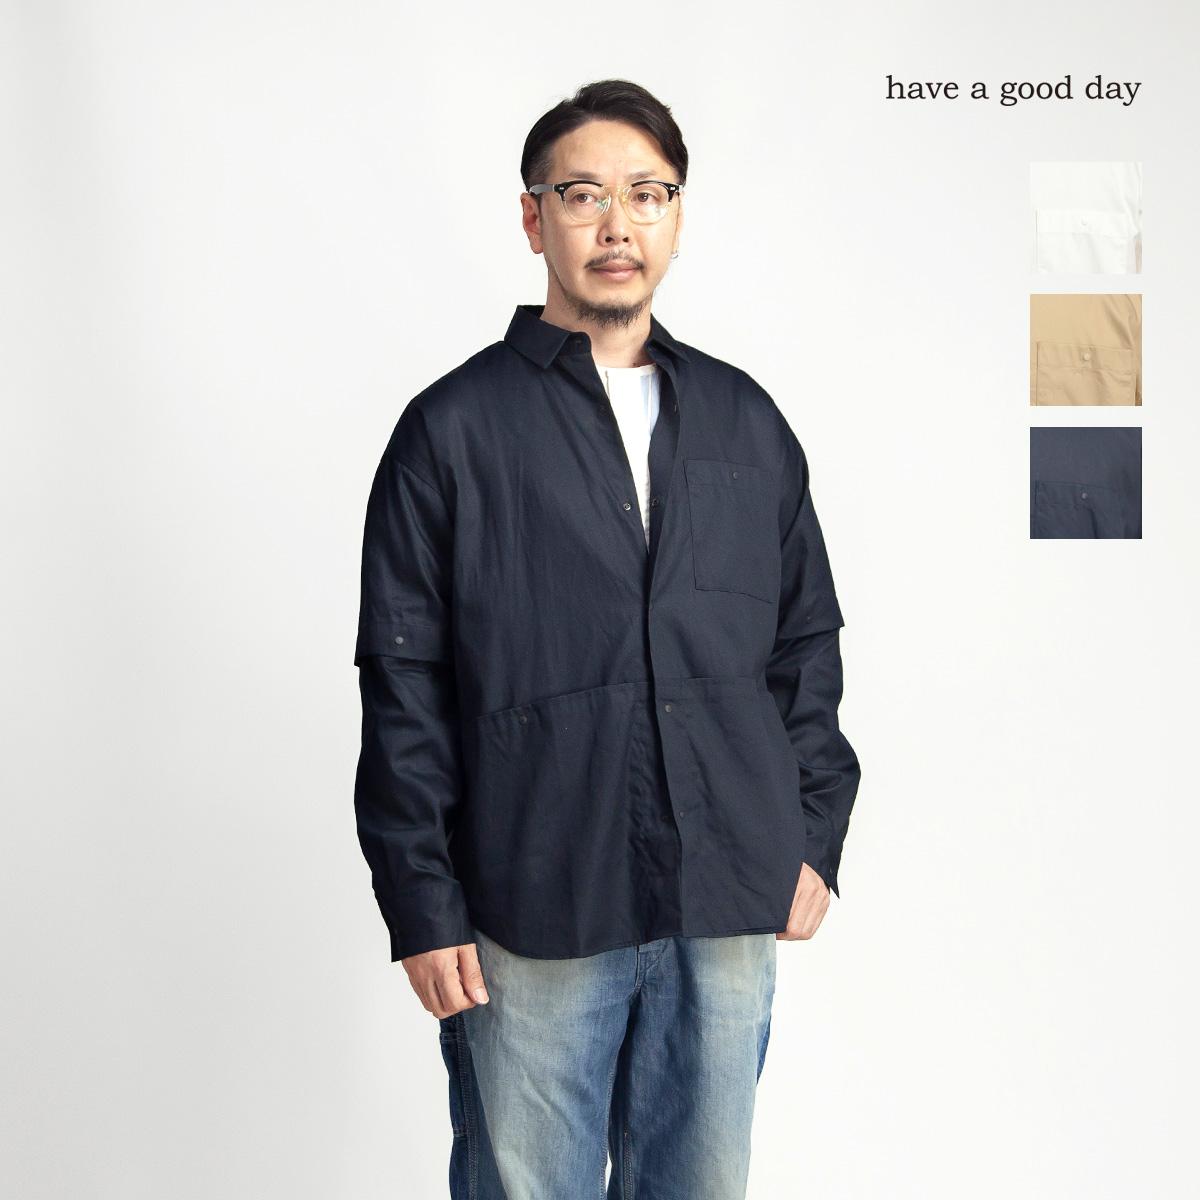 have a good day ハブアグッドデイ デタッチャブルシャツ 半袖 長袖 日本製 メンズ